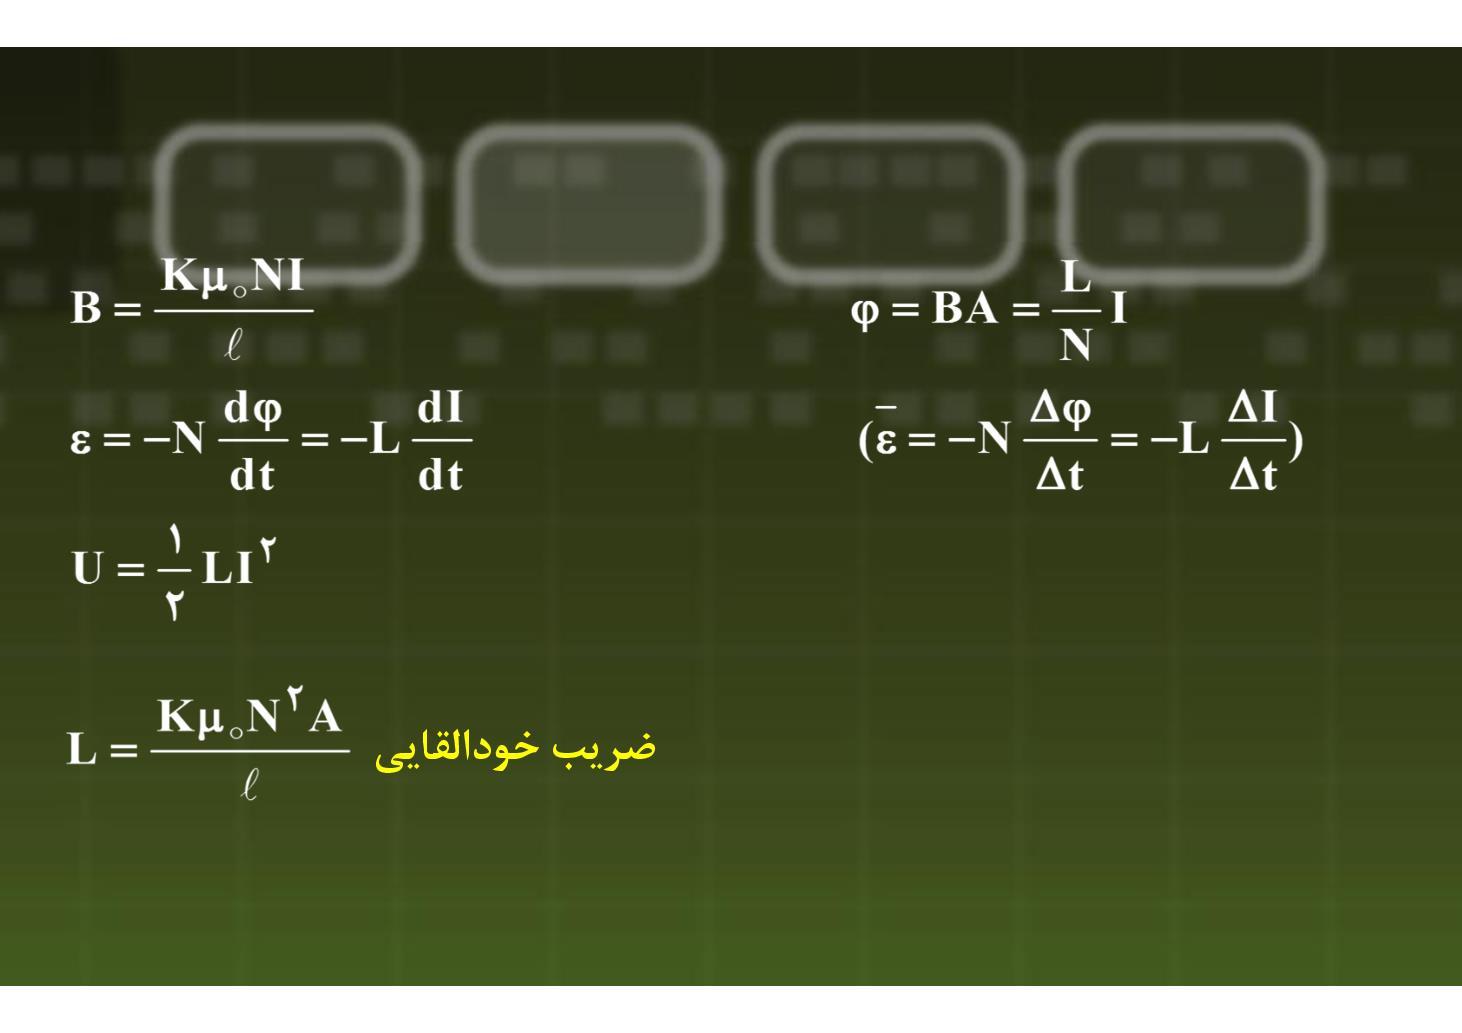 فیزیک ٣- فصل ۴ (فصل ۵ ریاضی) خودالقایی- سؤال ترکیبی خودالقایی- بخش ٢ (PDF)